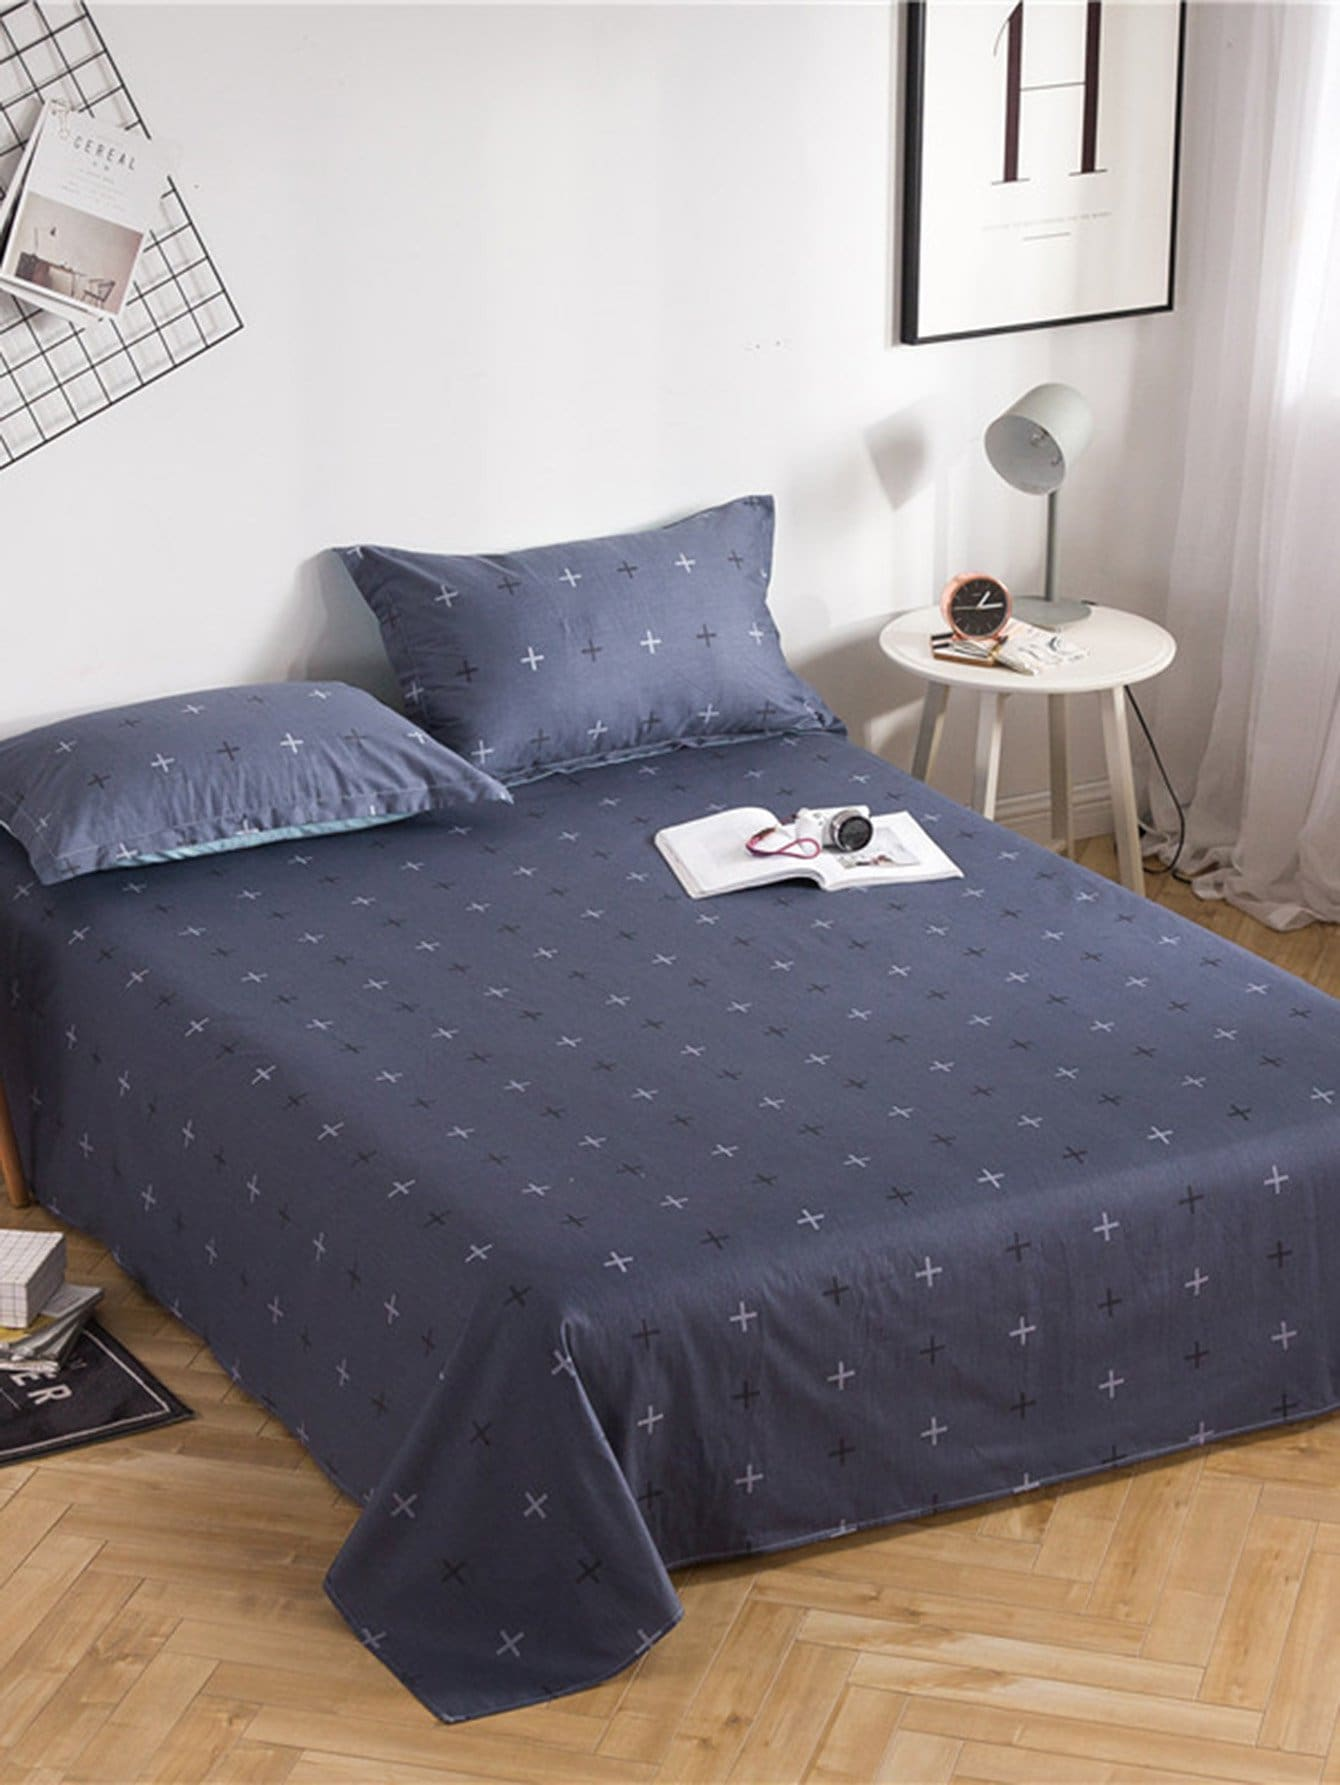 Купить Плоское постельное бельё с рисунками крестов 1 шт, null, SheIn